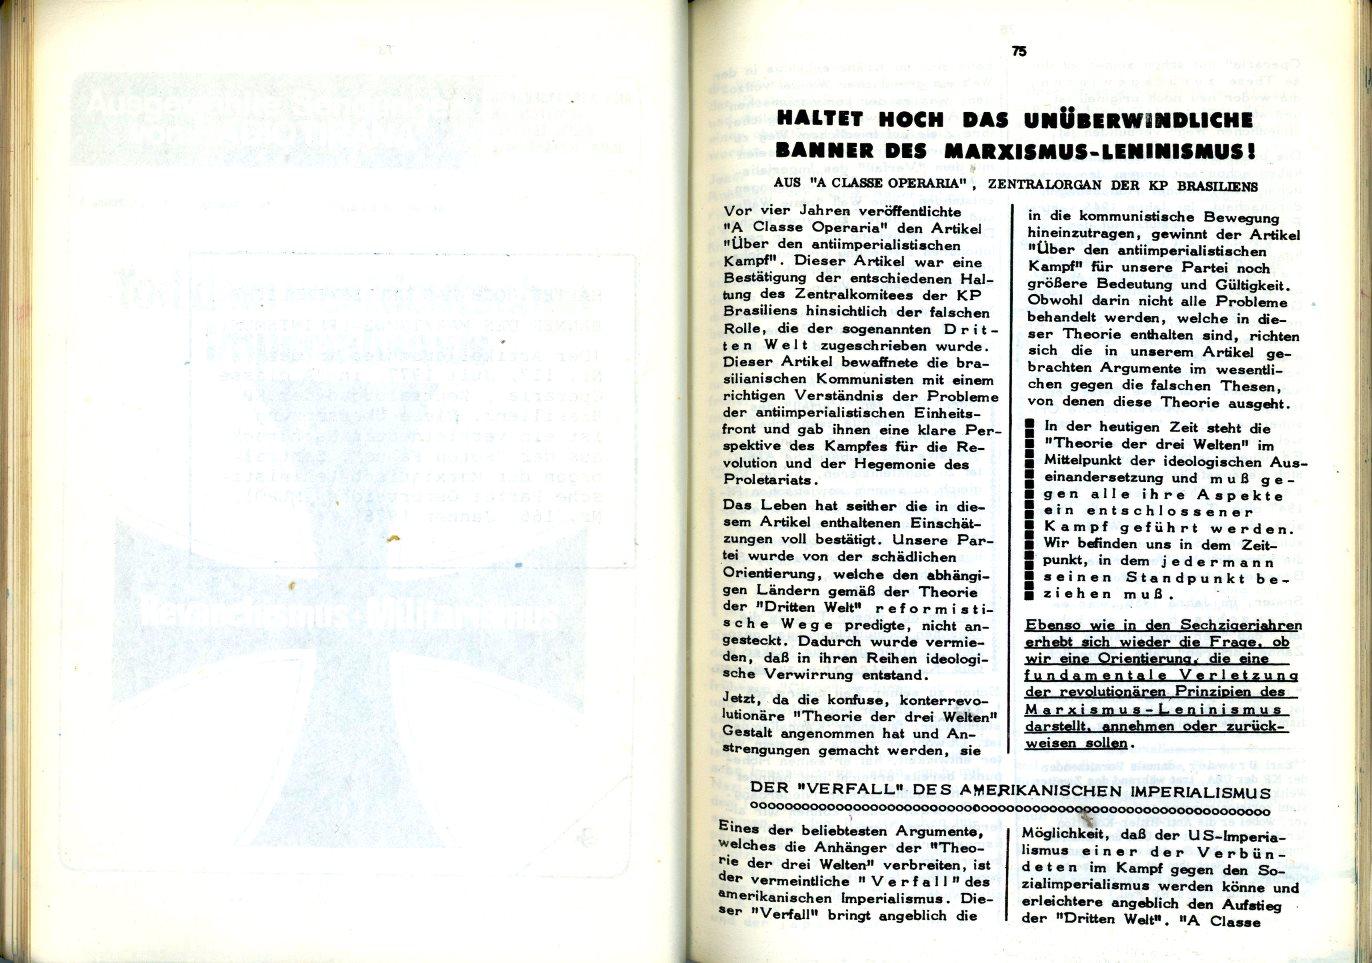 MLSK_Theorie_und_Praxis_des_ML_1978_20_46